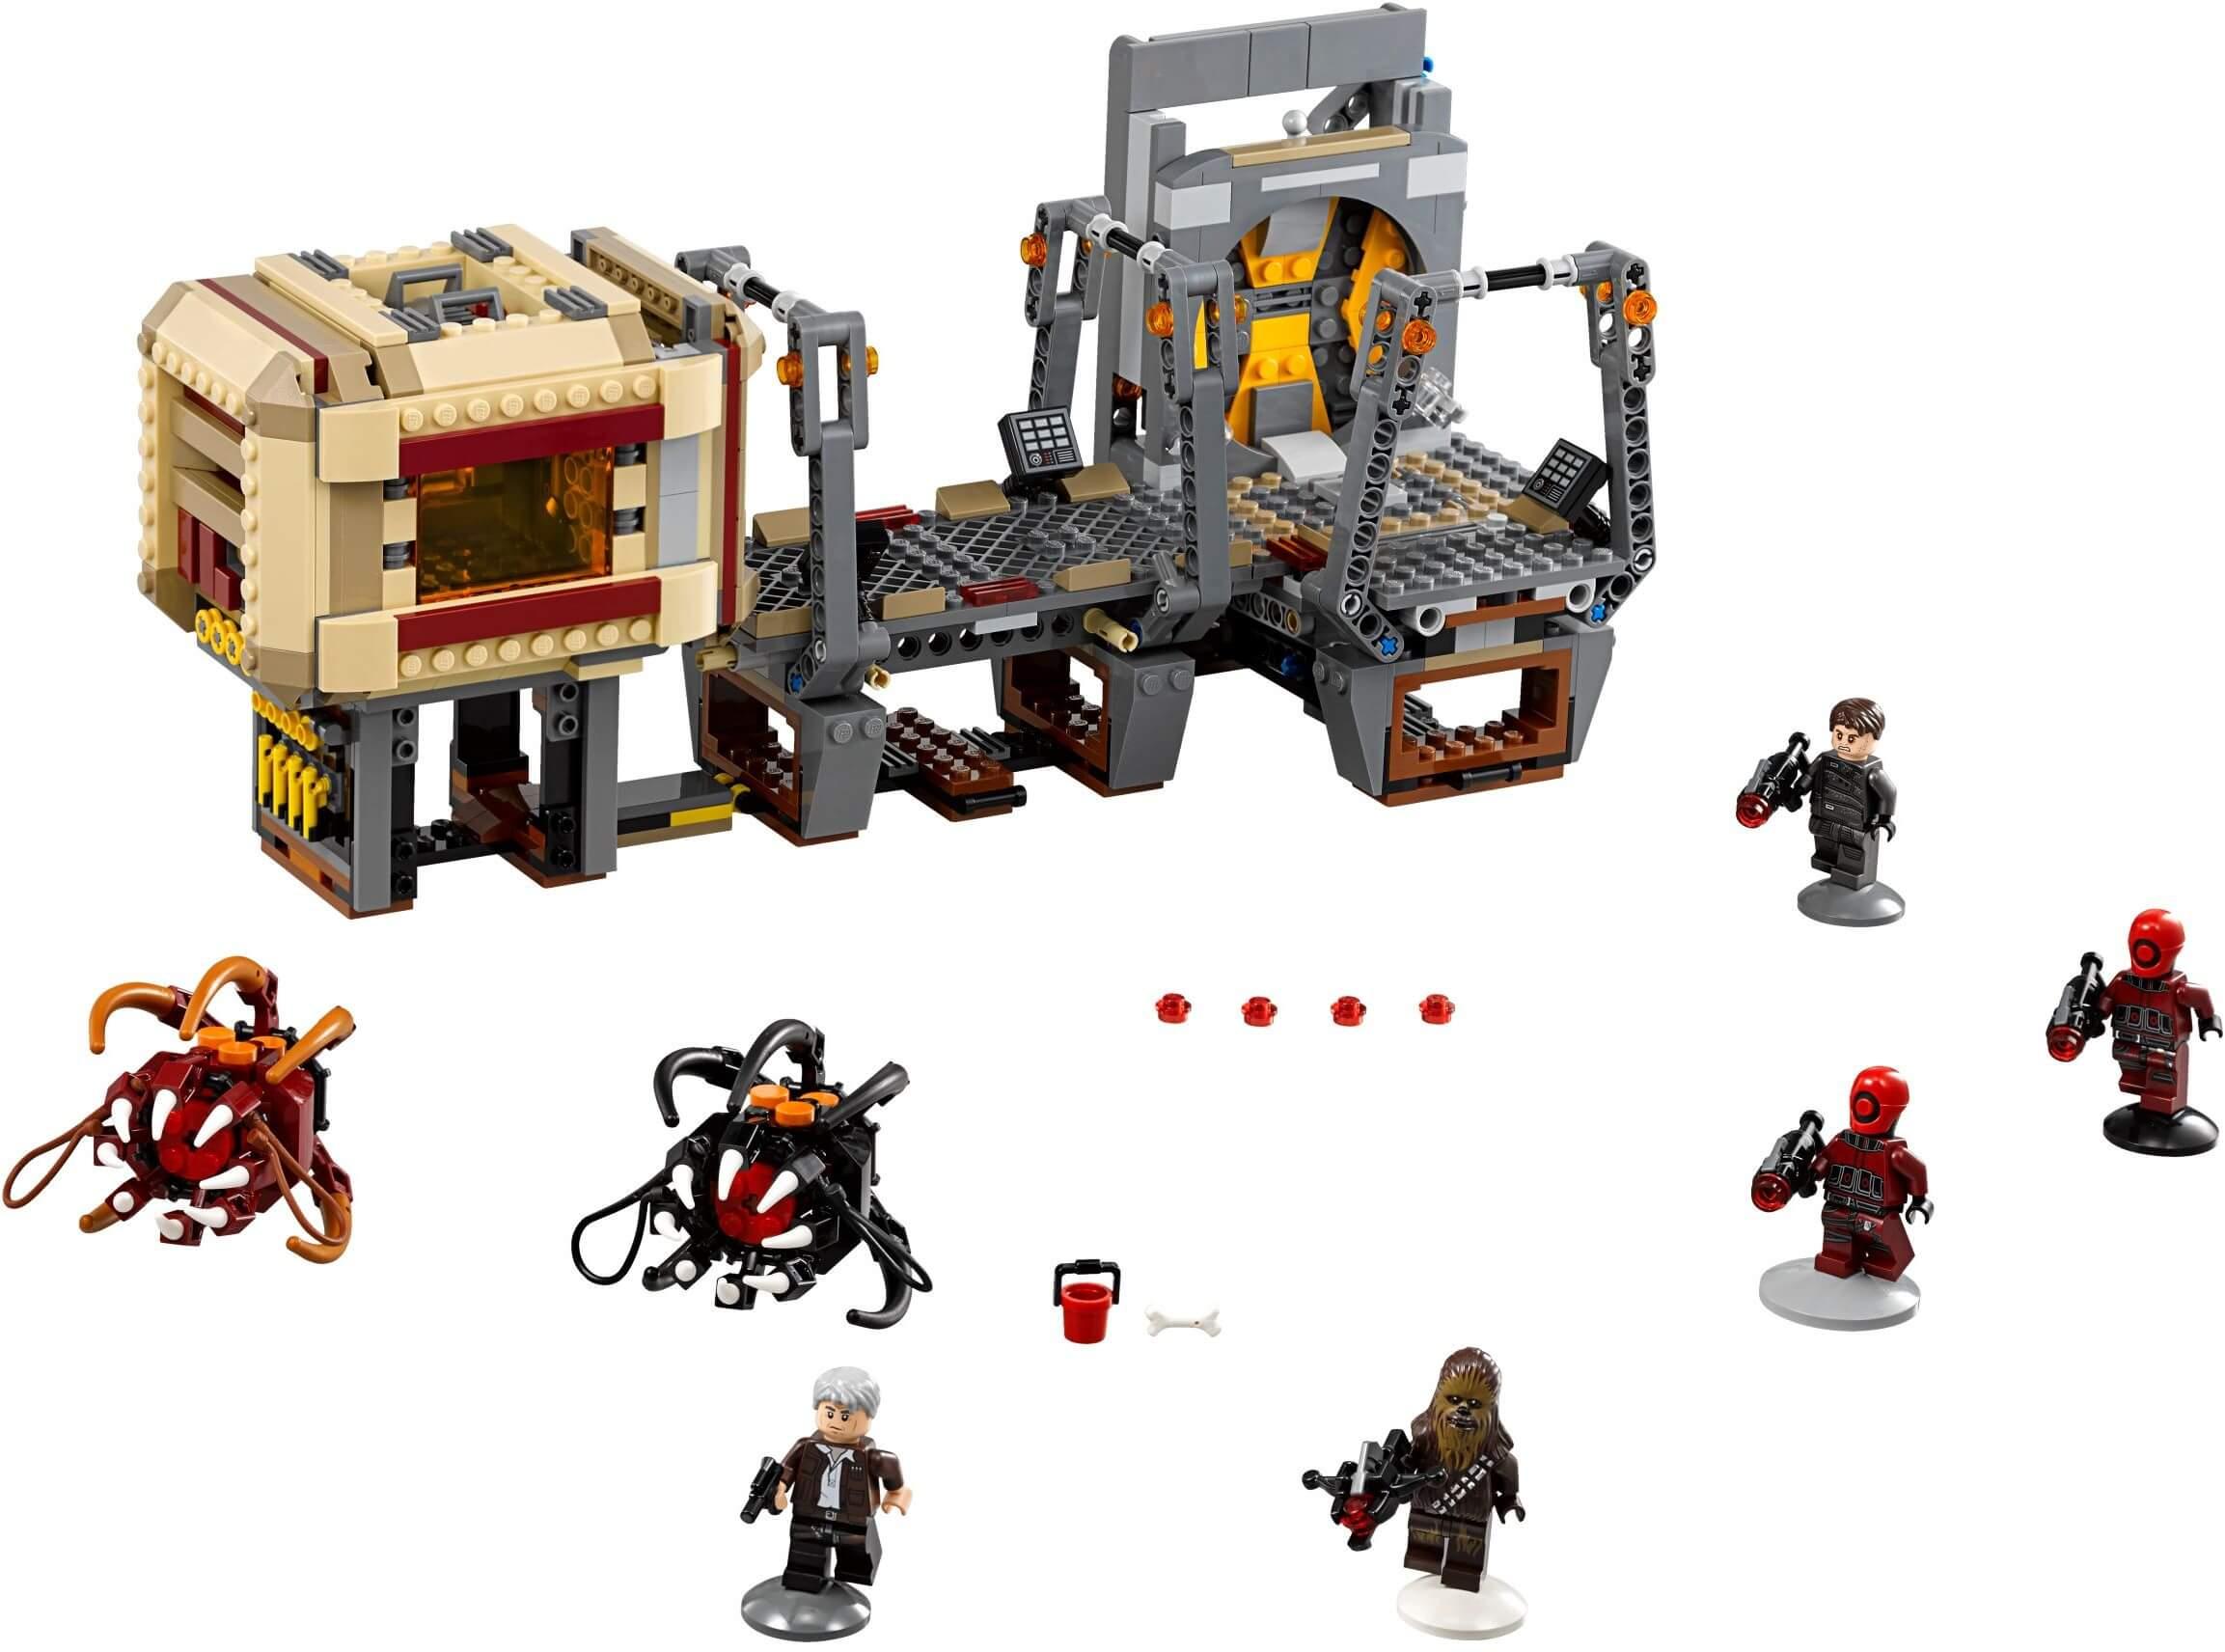 Mua đồ chơi LEGO 75180 - LEGO Star Wars 75180 - Quái Vật Rathtar sổng chuồng (LEGO Star Wars Rathtar Escape)